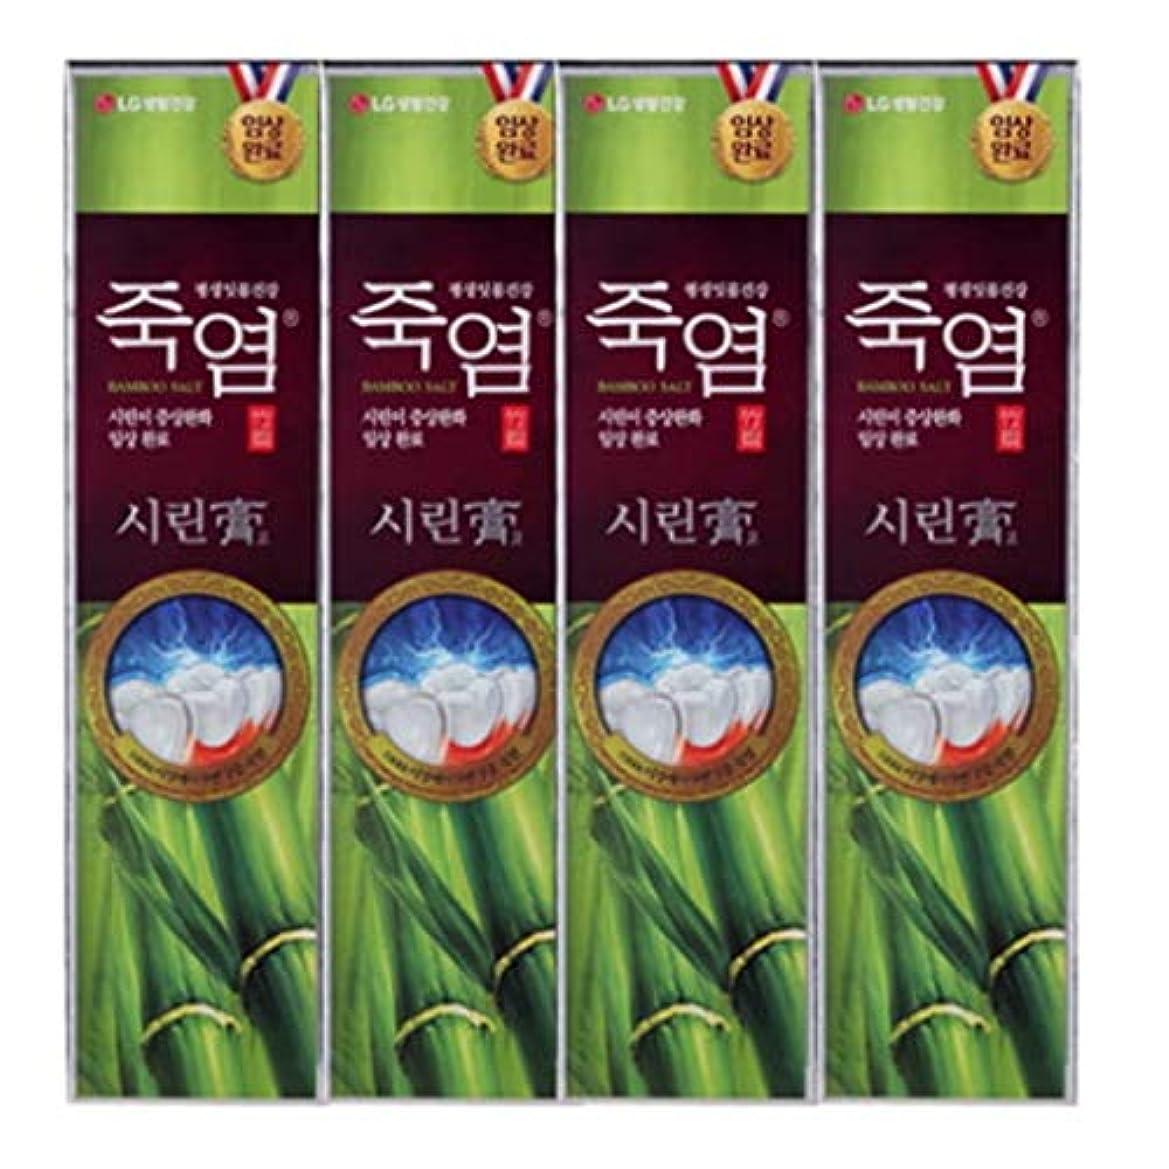 高い特徴づける深める[LG Care/LG生活健康]竹塩歯磨き粉つぶれて歯茎を健康に120g x4ea/歯磨きセットスペシャル?リミテッドToothpaste Set Special Limited Korea(海外直送品)